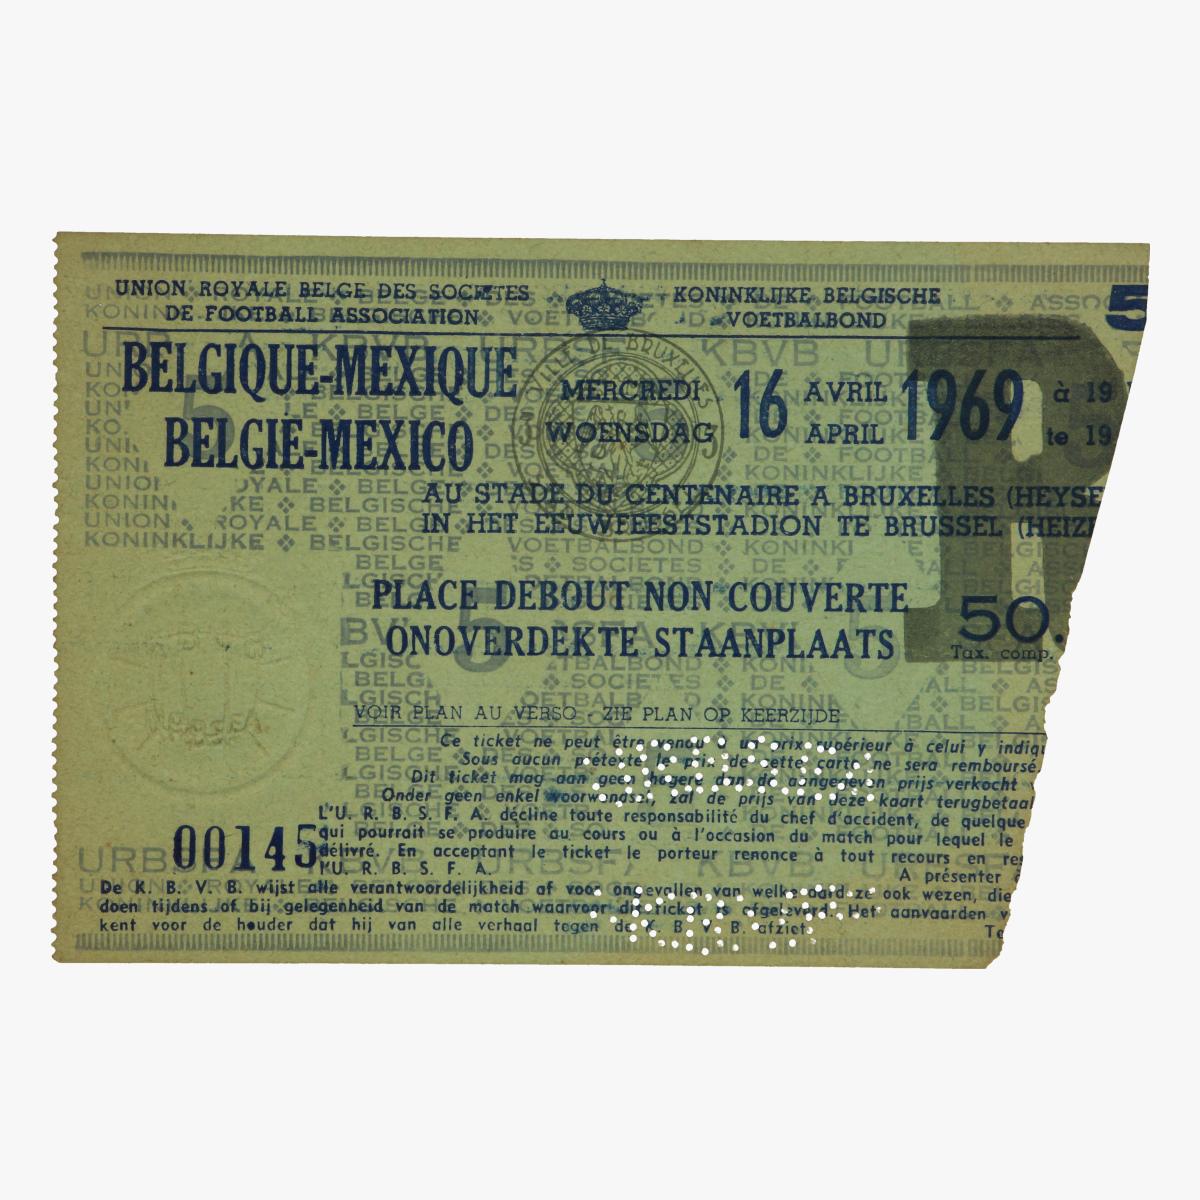 Afbeeldingen van voetbal ticket belgie -mexico 1969 brussel heizel